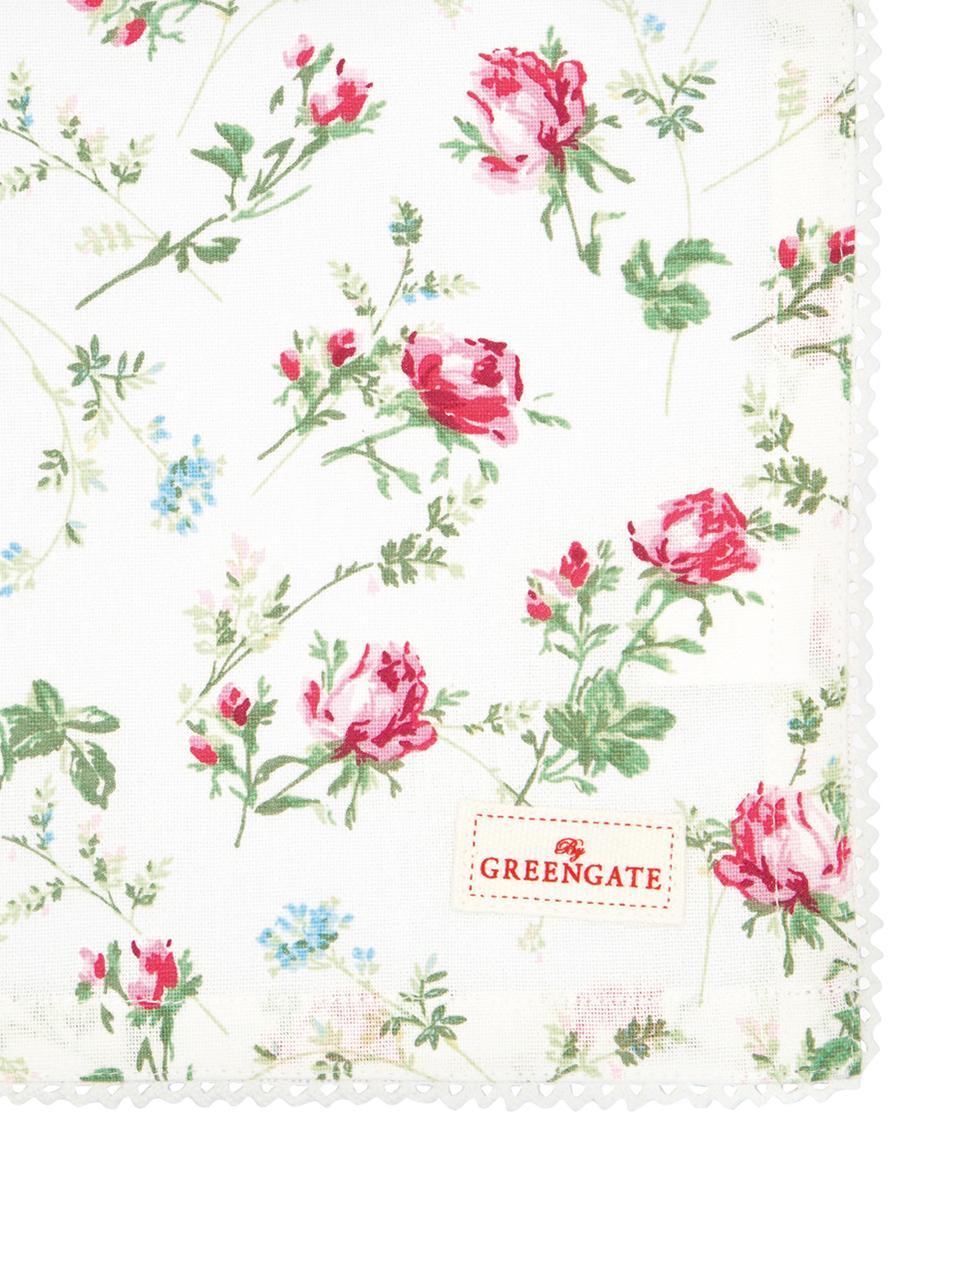 Geblümte Servietten Constance mit Spitzenborte, 2 Stück, Baumwolle, Weiß, Mehrfarbig, 40 x 40 cm